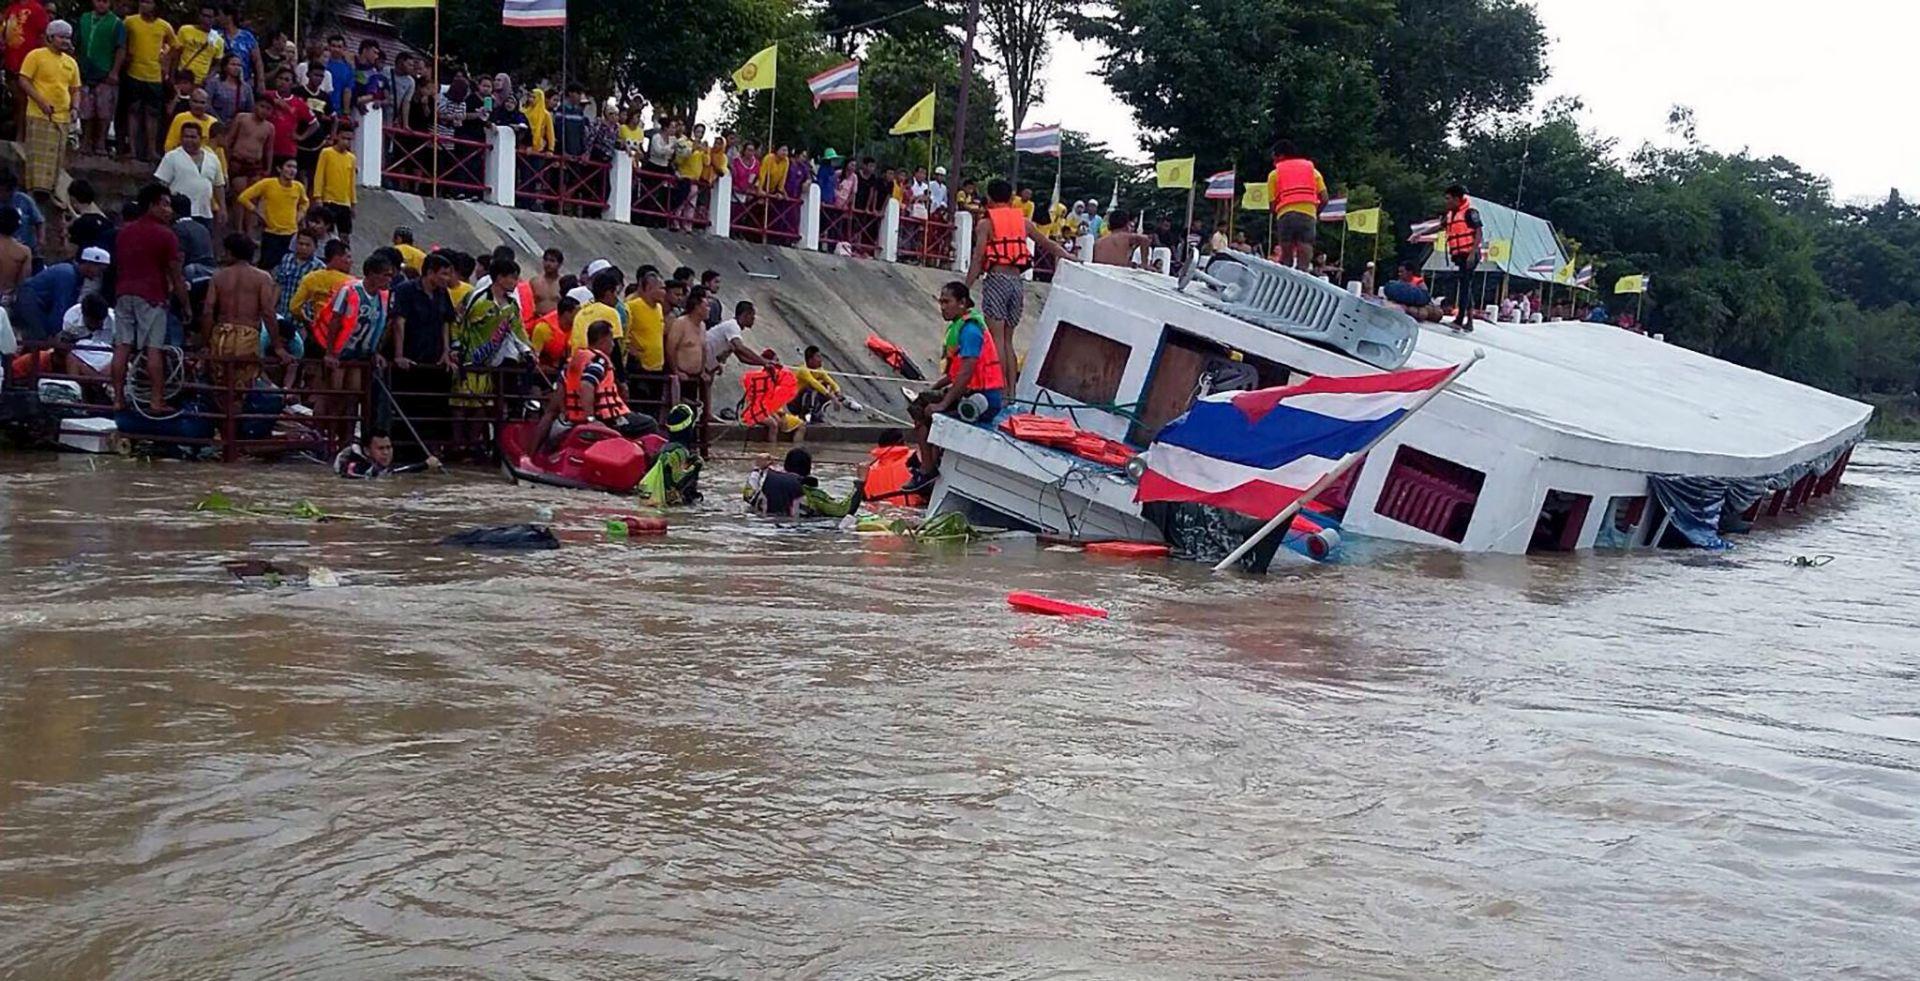 POMORSKA NESREĆA NA TAJLANDU Brod se zabio u most, 13 poginulih, više od 30 ozlijeđenih